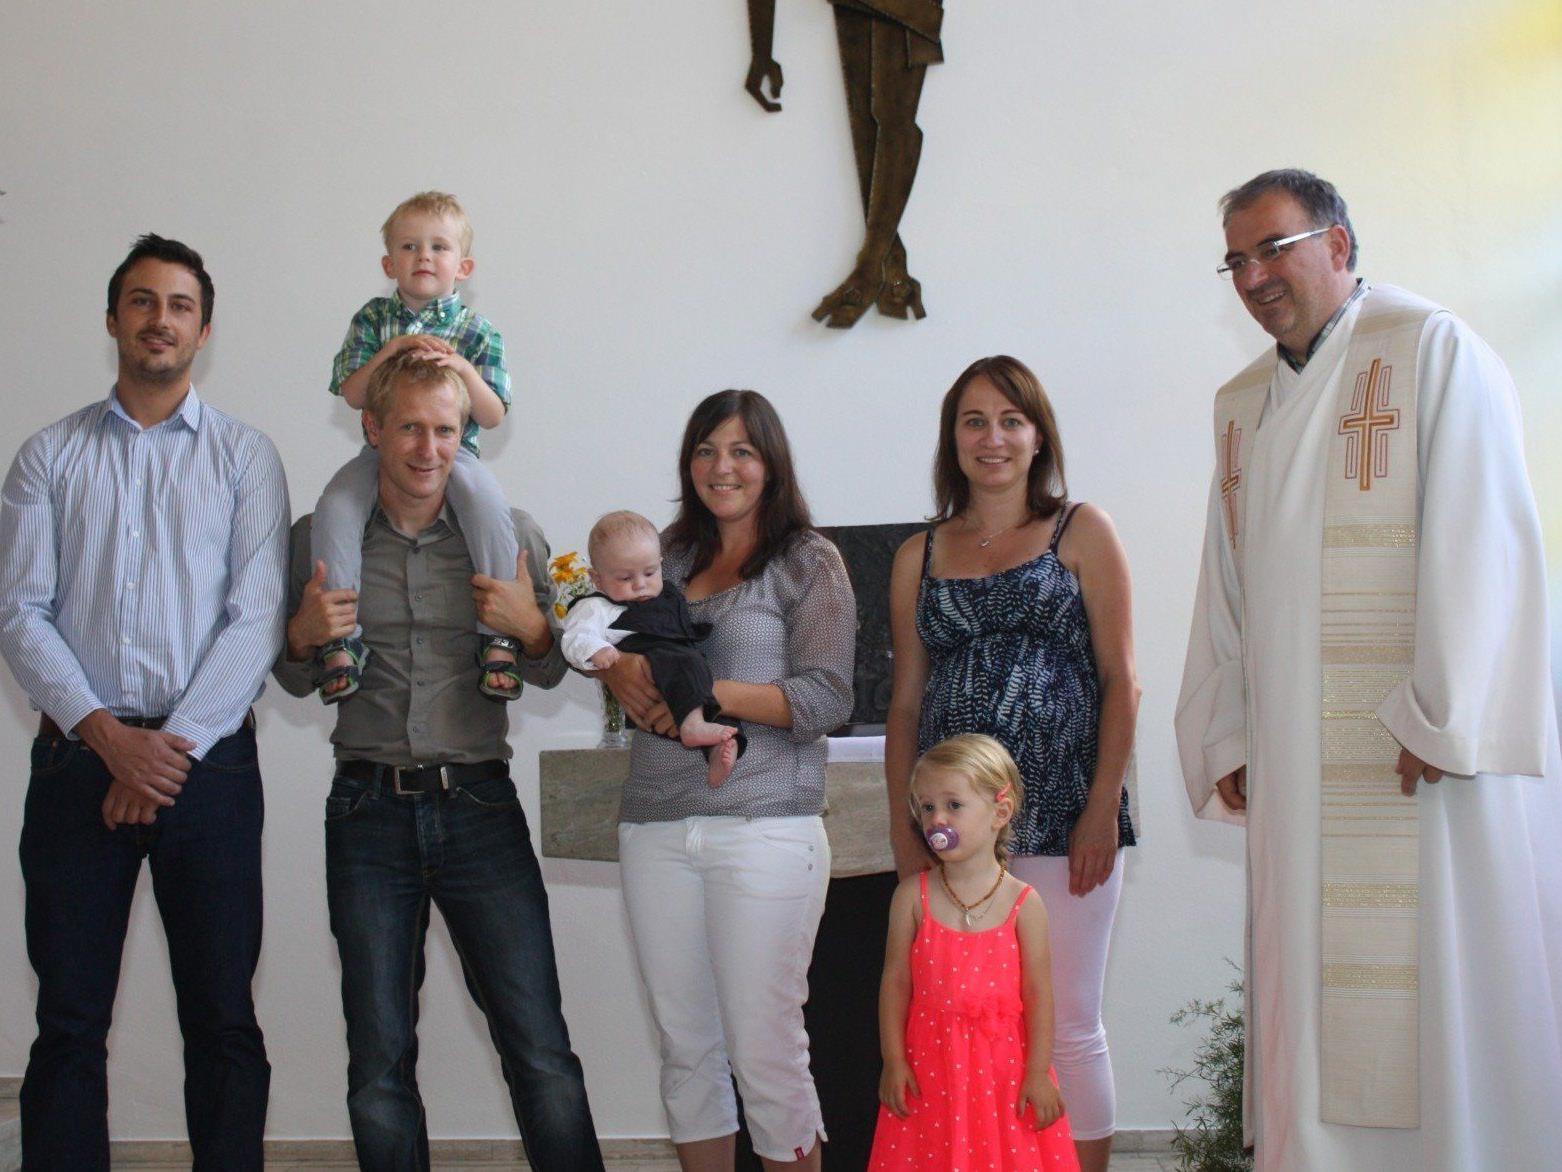 Taufe von David Loos in Gantschier.